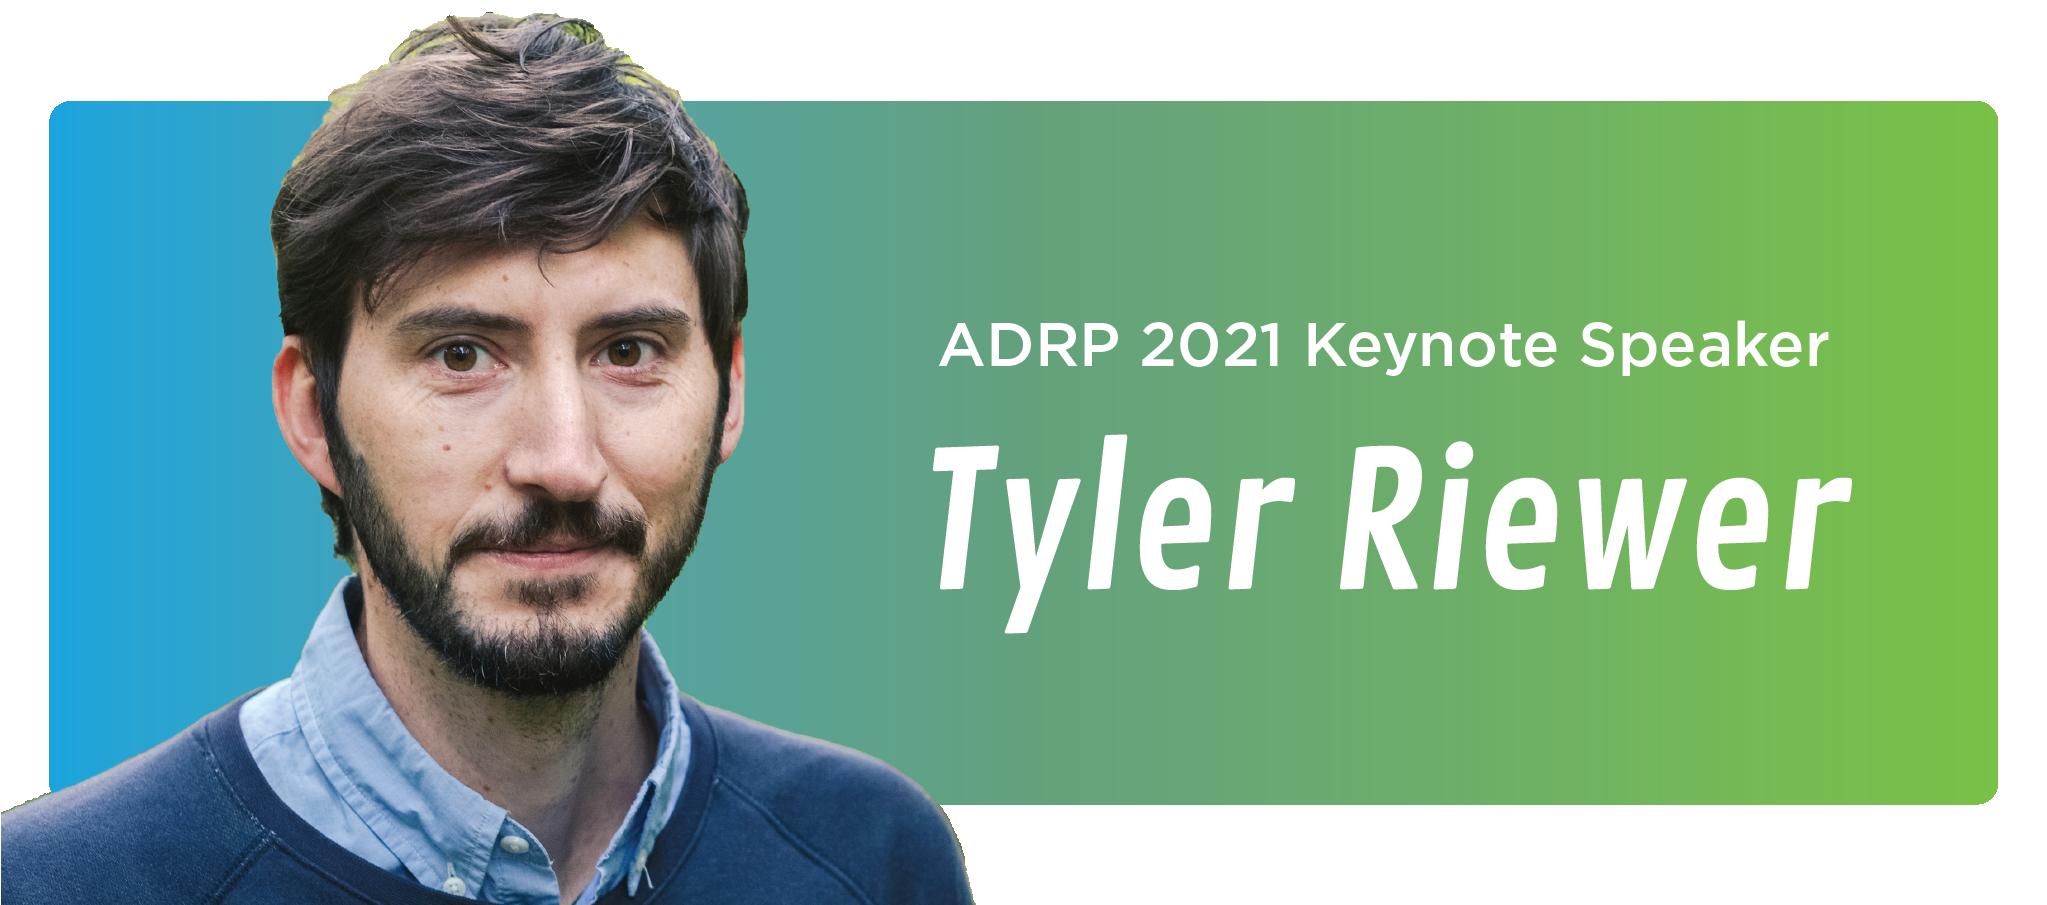 Keynote Speaker Tyler Riewer